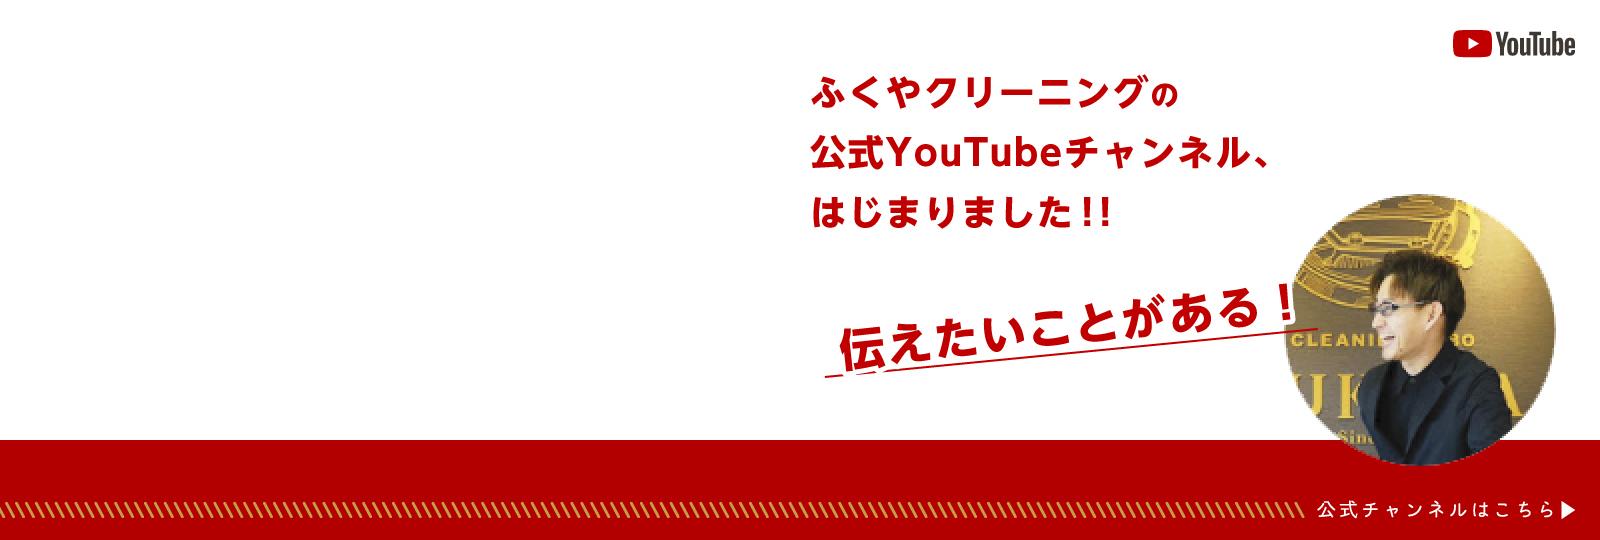 公式YouTubeチャンネル、はじめました!